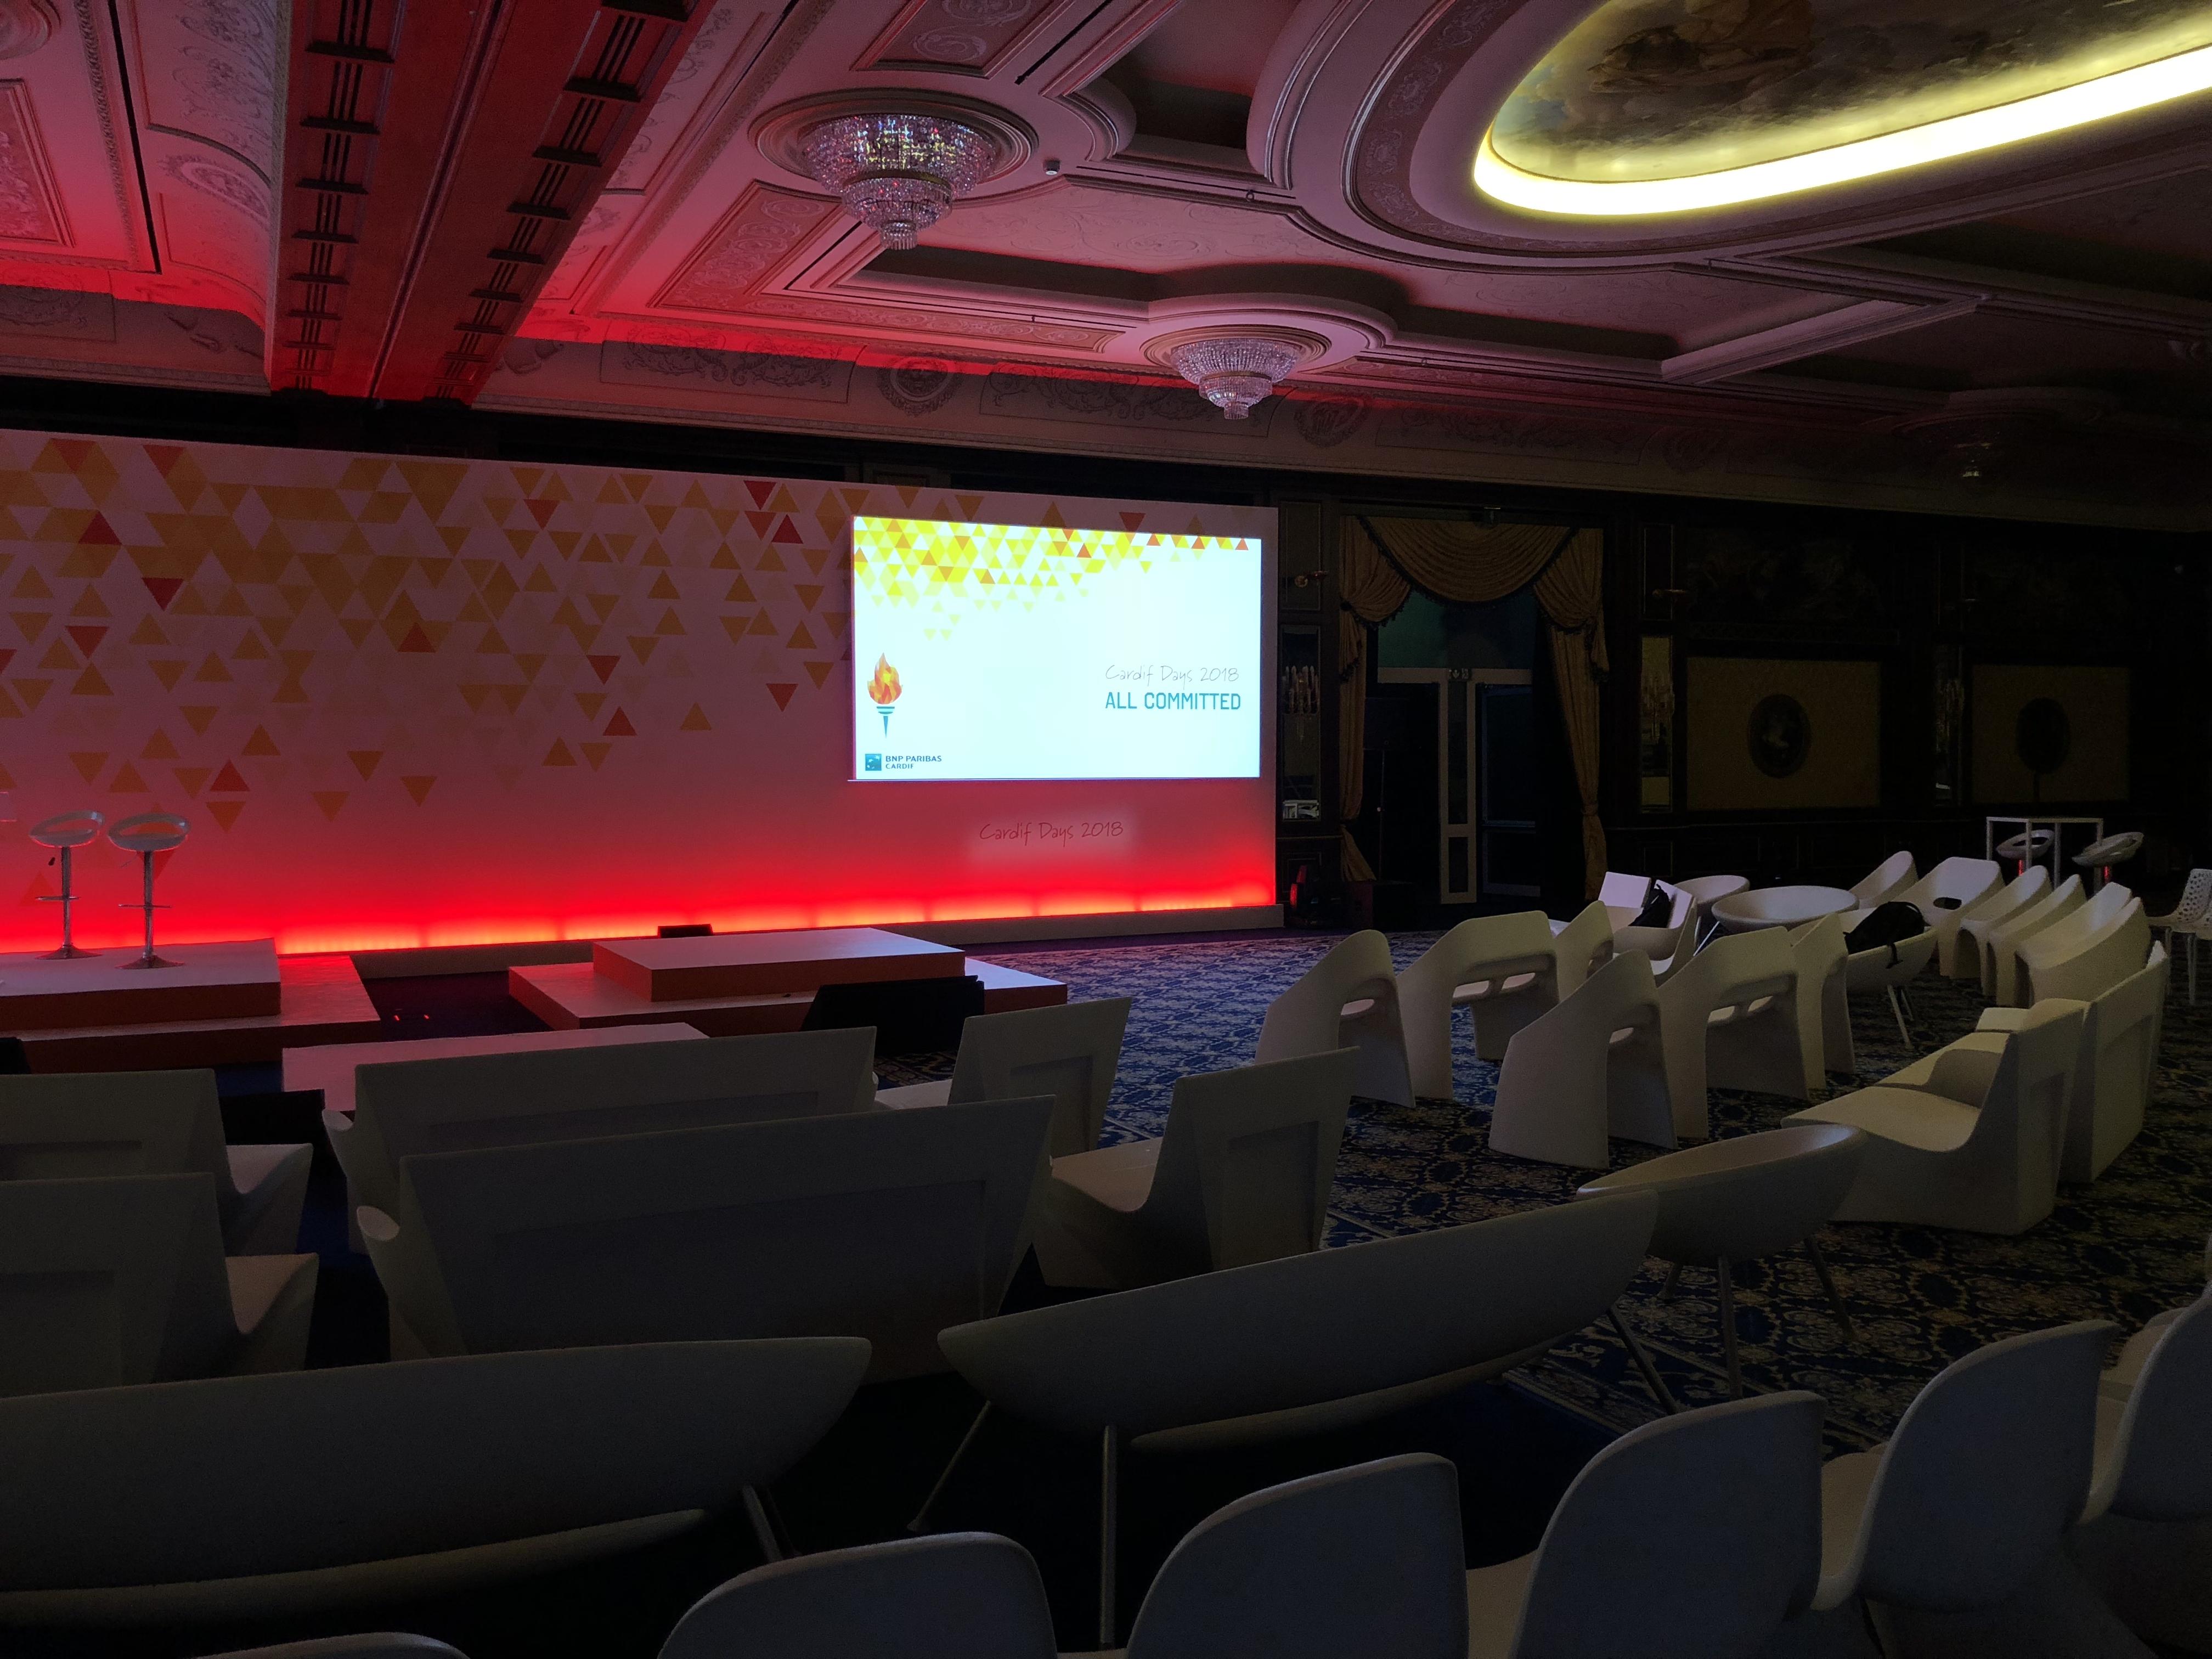 aucop-event-italie-twobevents-lac majeur-son-video-deco-scene-ecrans-audiovisuel-eclairage-ecrans-grand hotel dino-decoration-corporate--bnp paribas-evenement-evenementiel